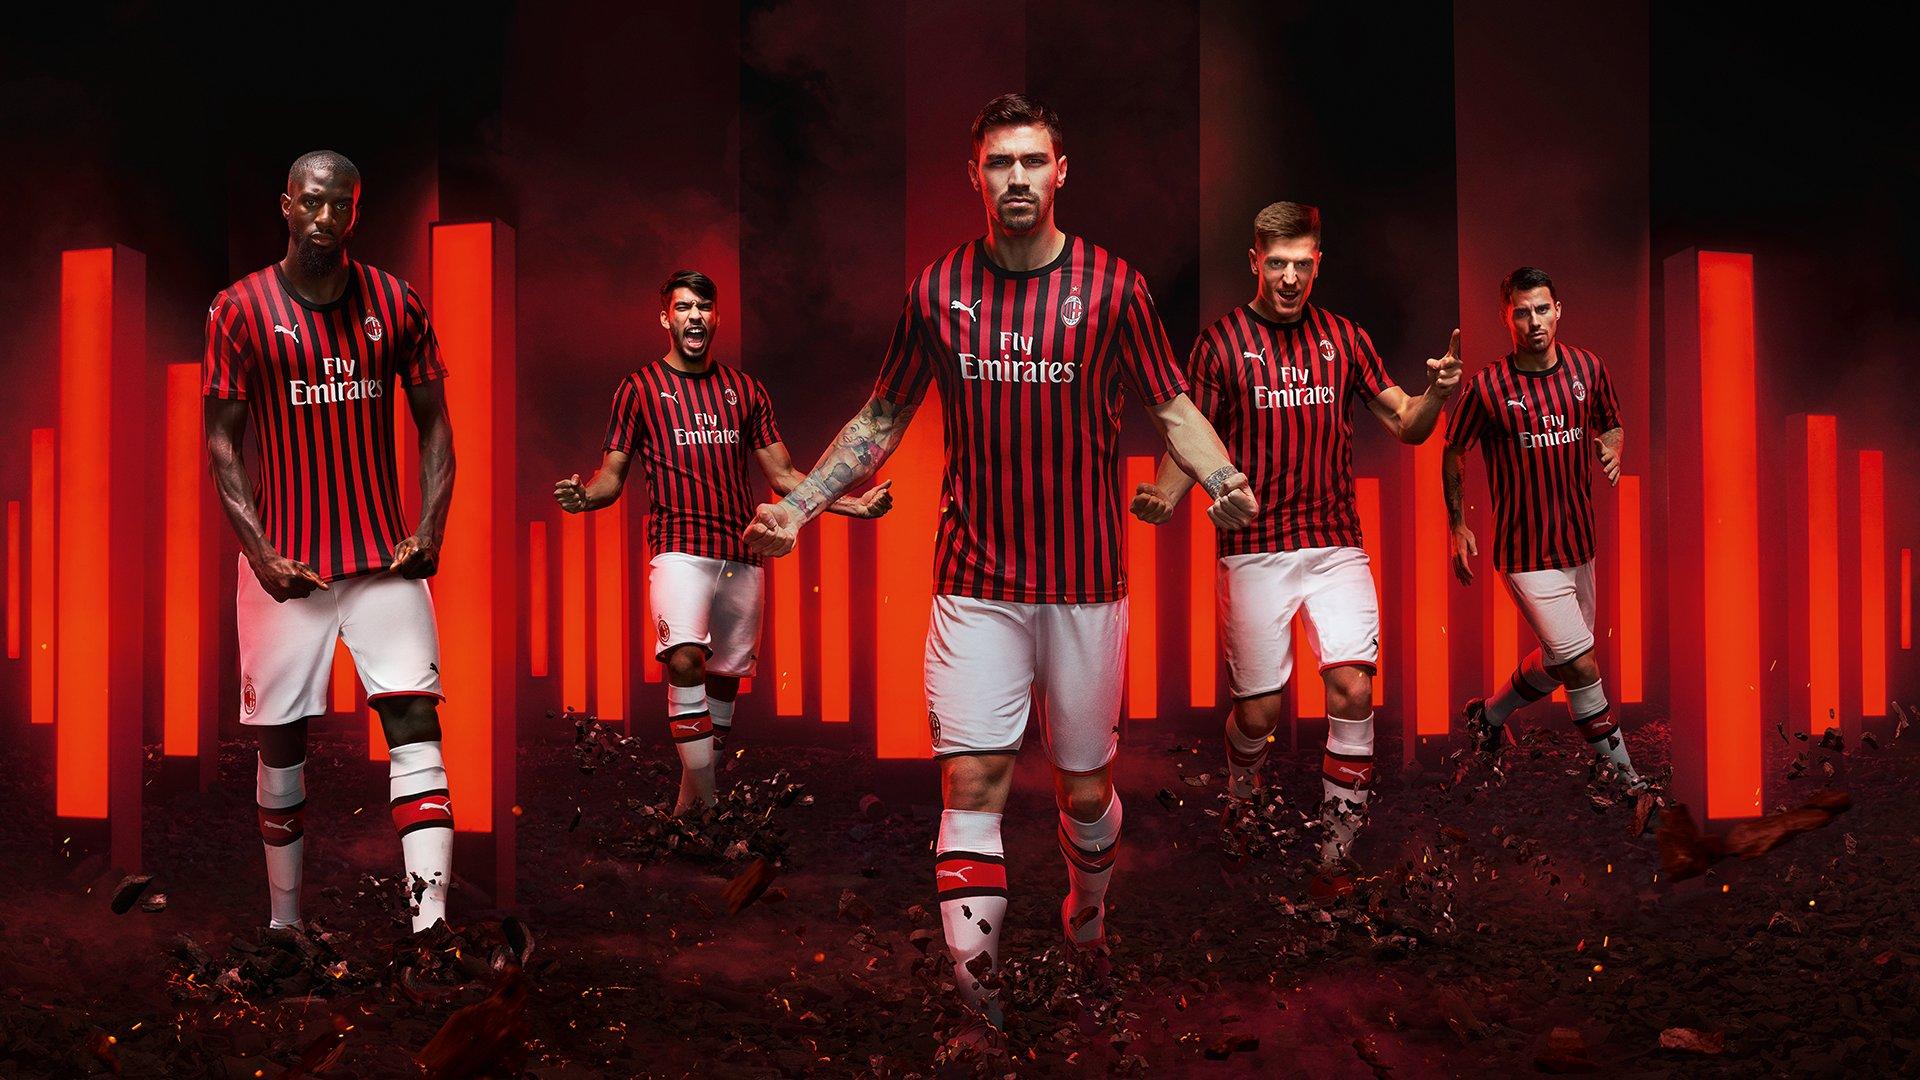 PUMA presents classic AC Milan 2019/20 kit |